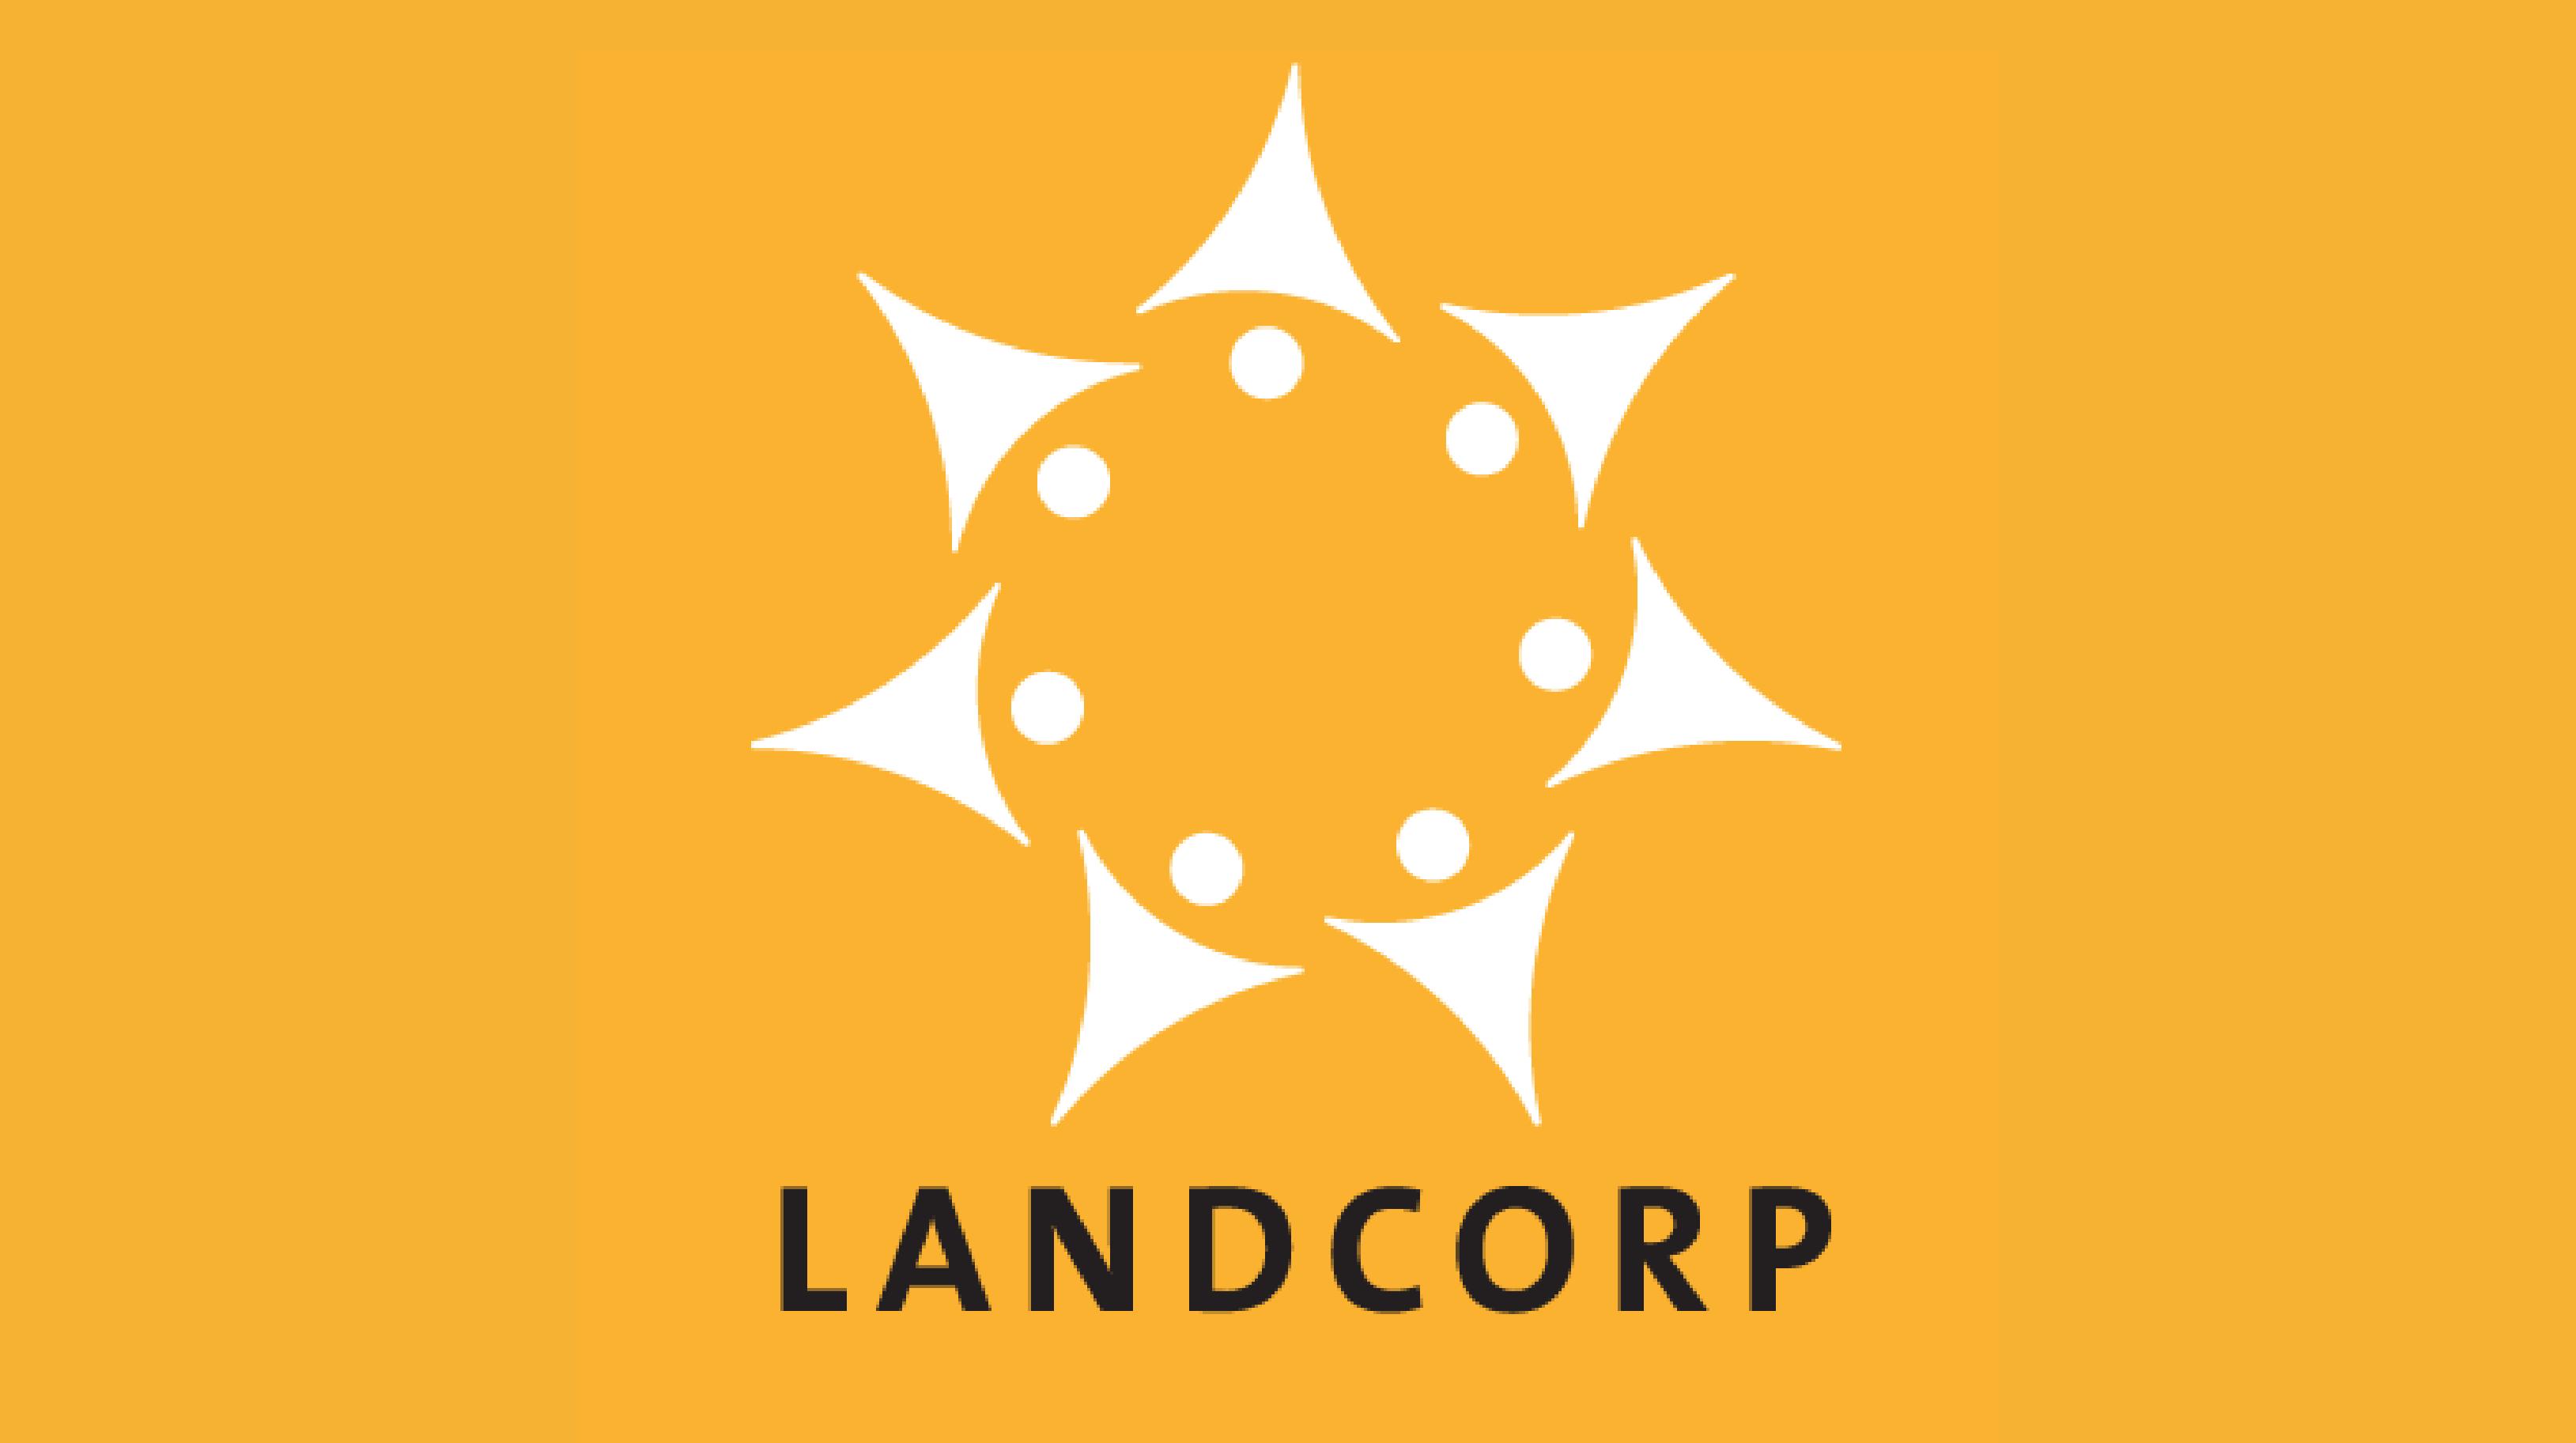 MyOsh Landcorp Yellow Logo